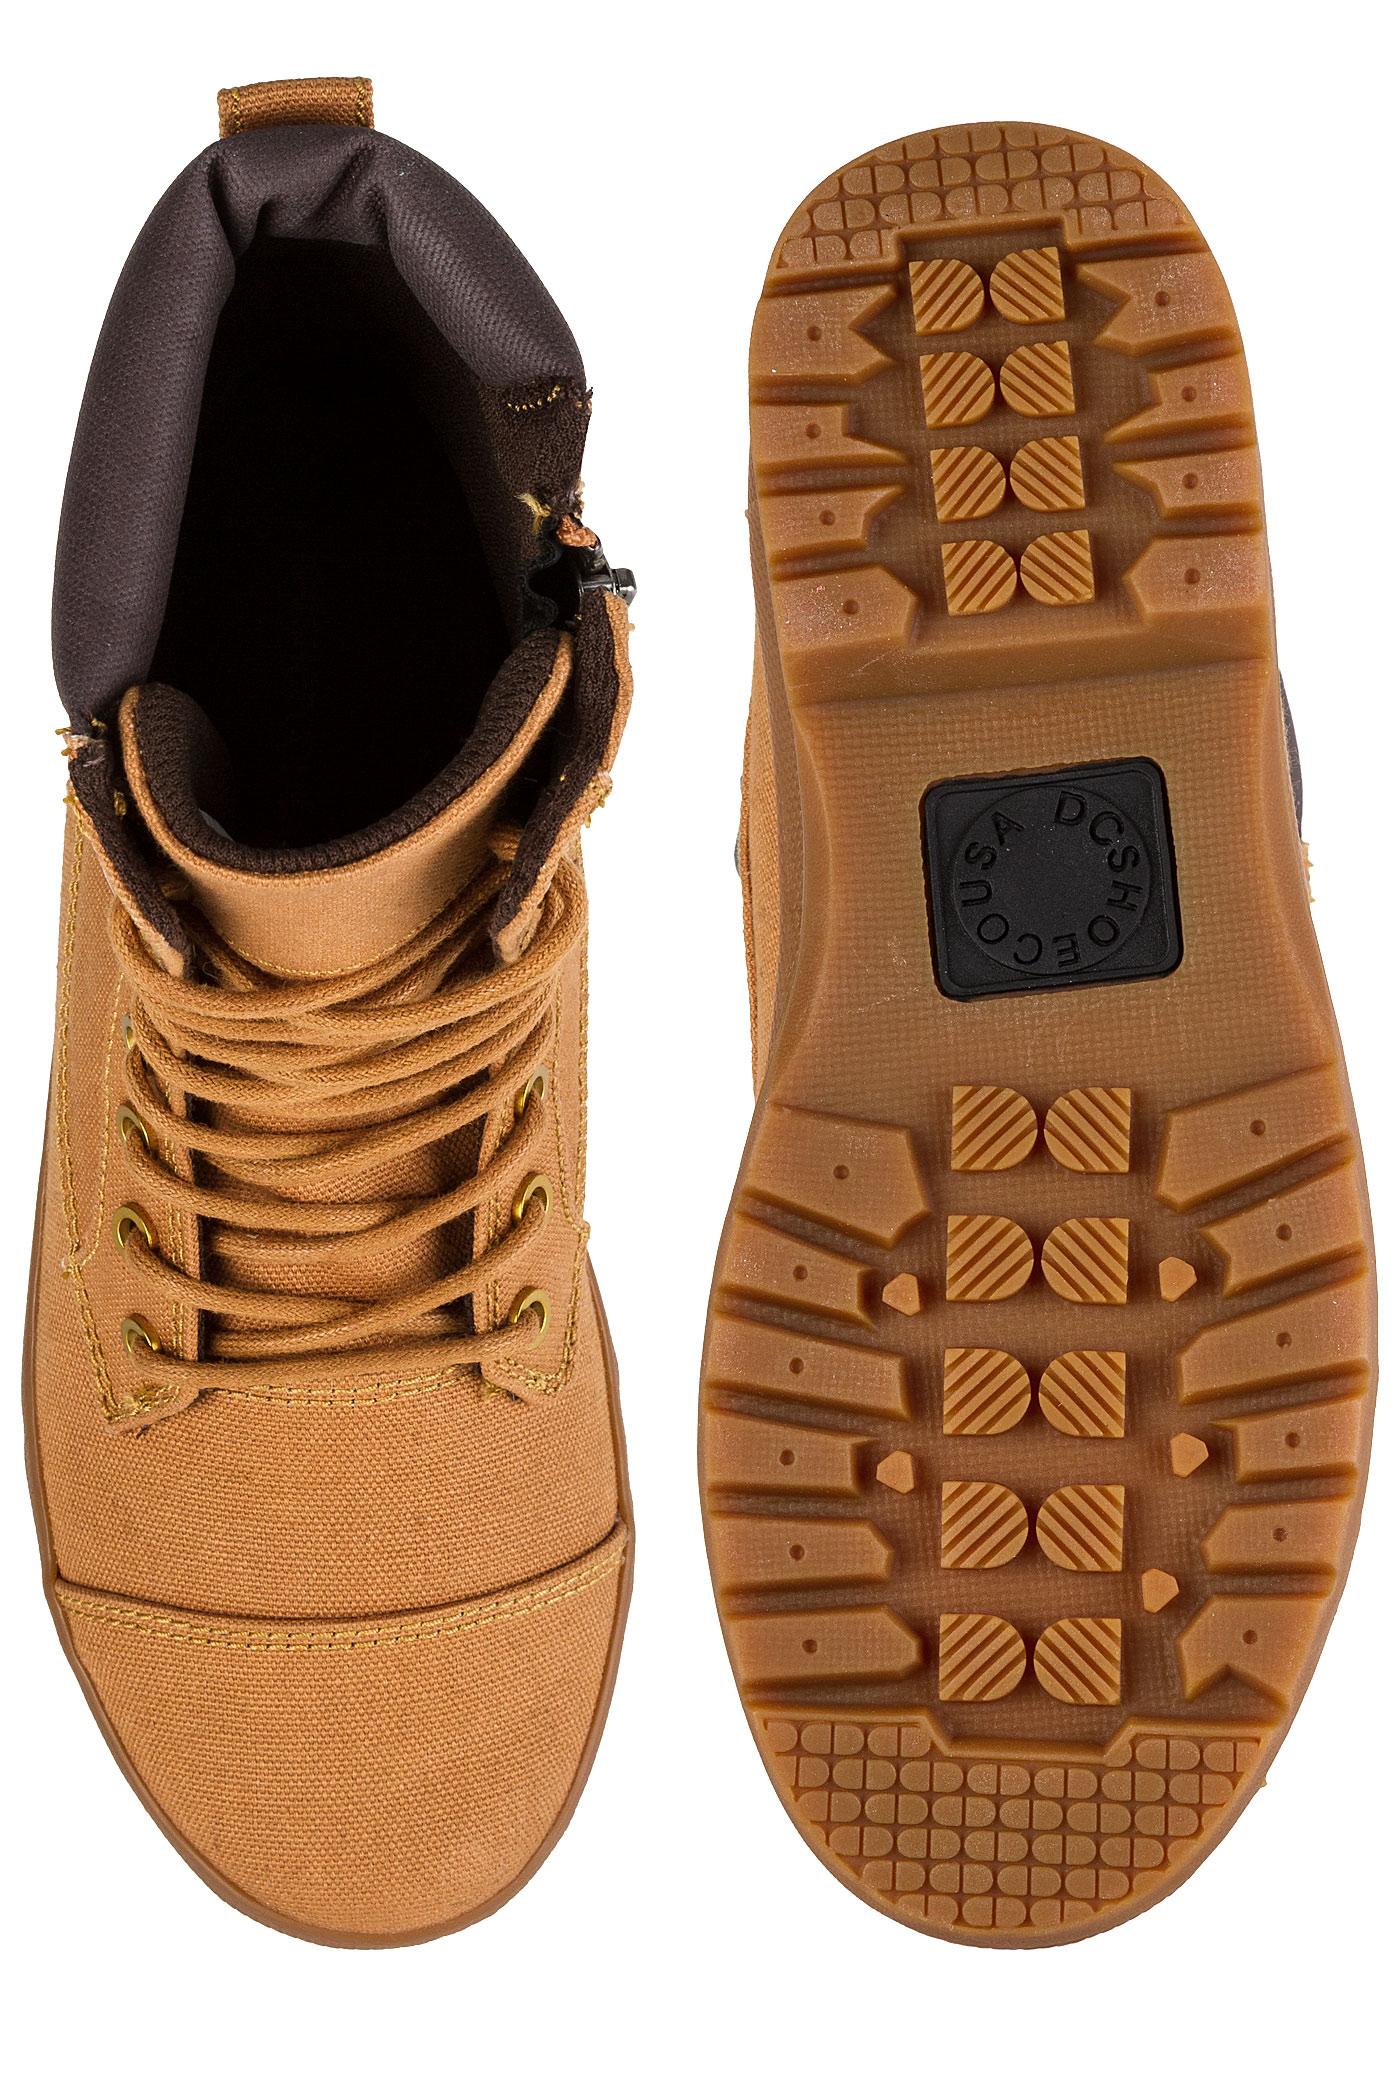 Womenwheat Chaussure Tx Chaussure Amnesti Womenwheat Dc Amnesti Amnesti Dc Tx Dc Tx ZiwOkXTPu